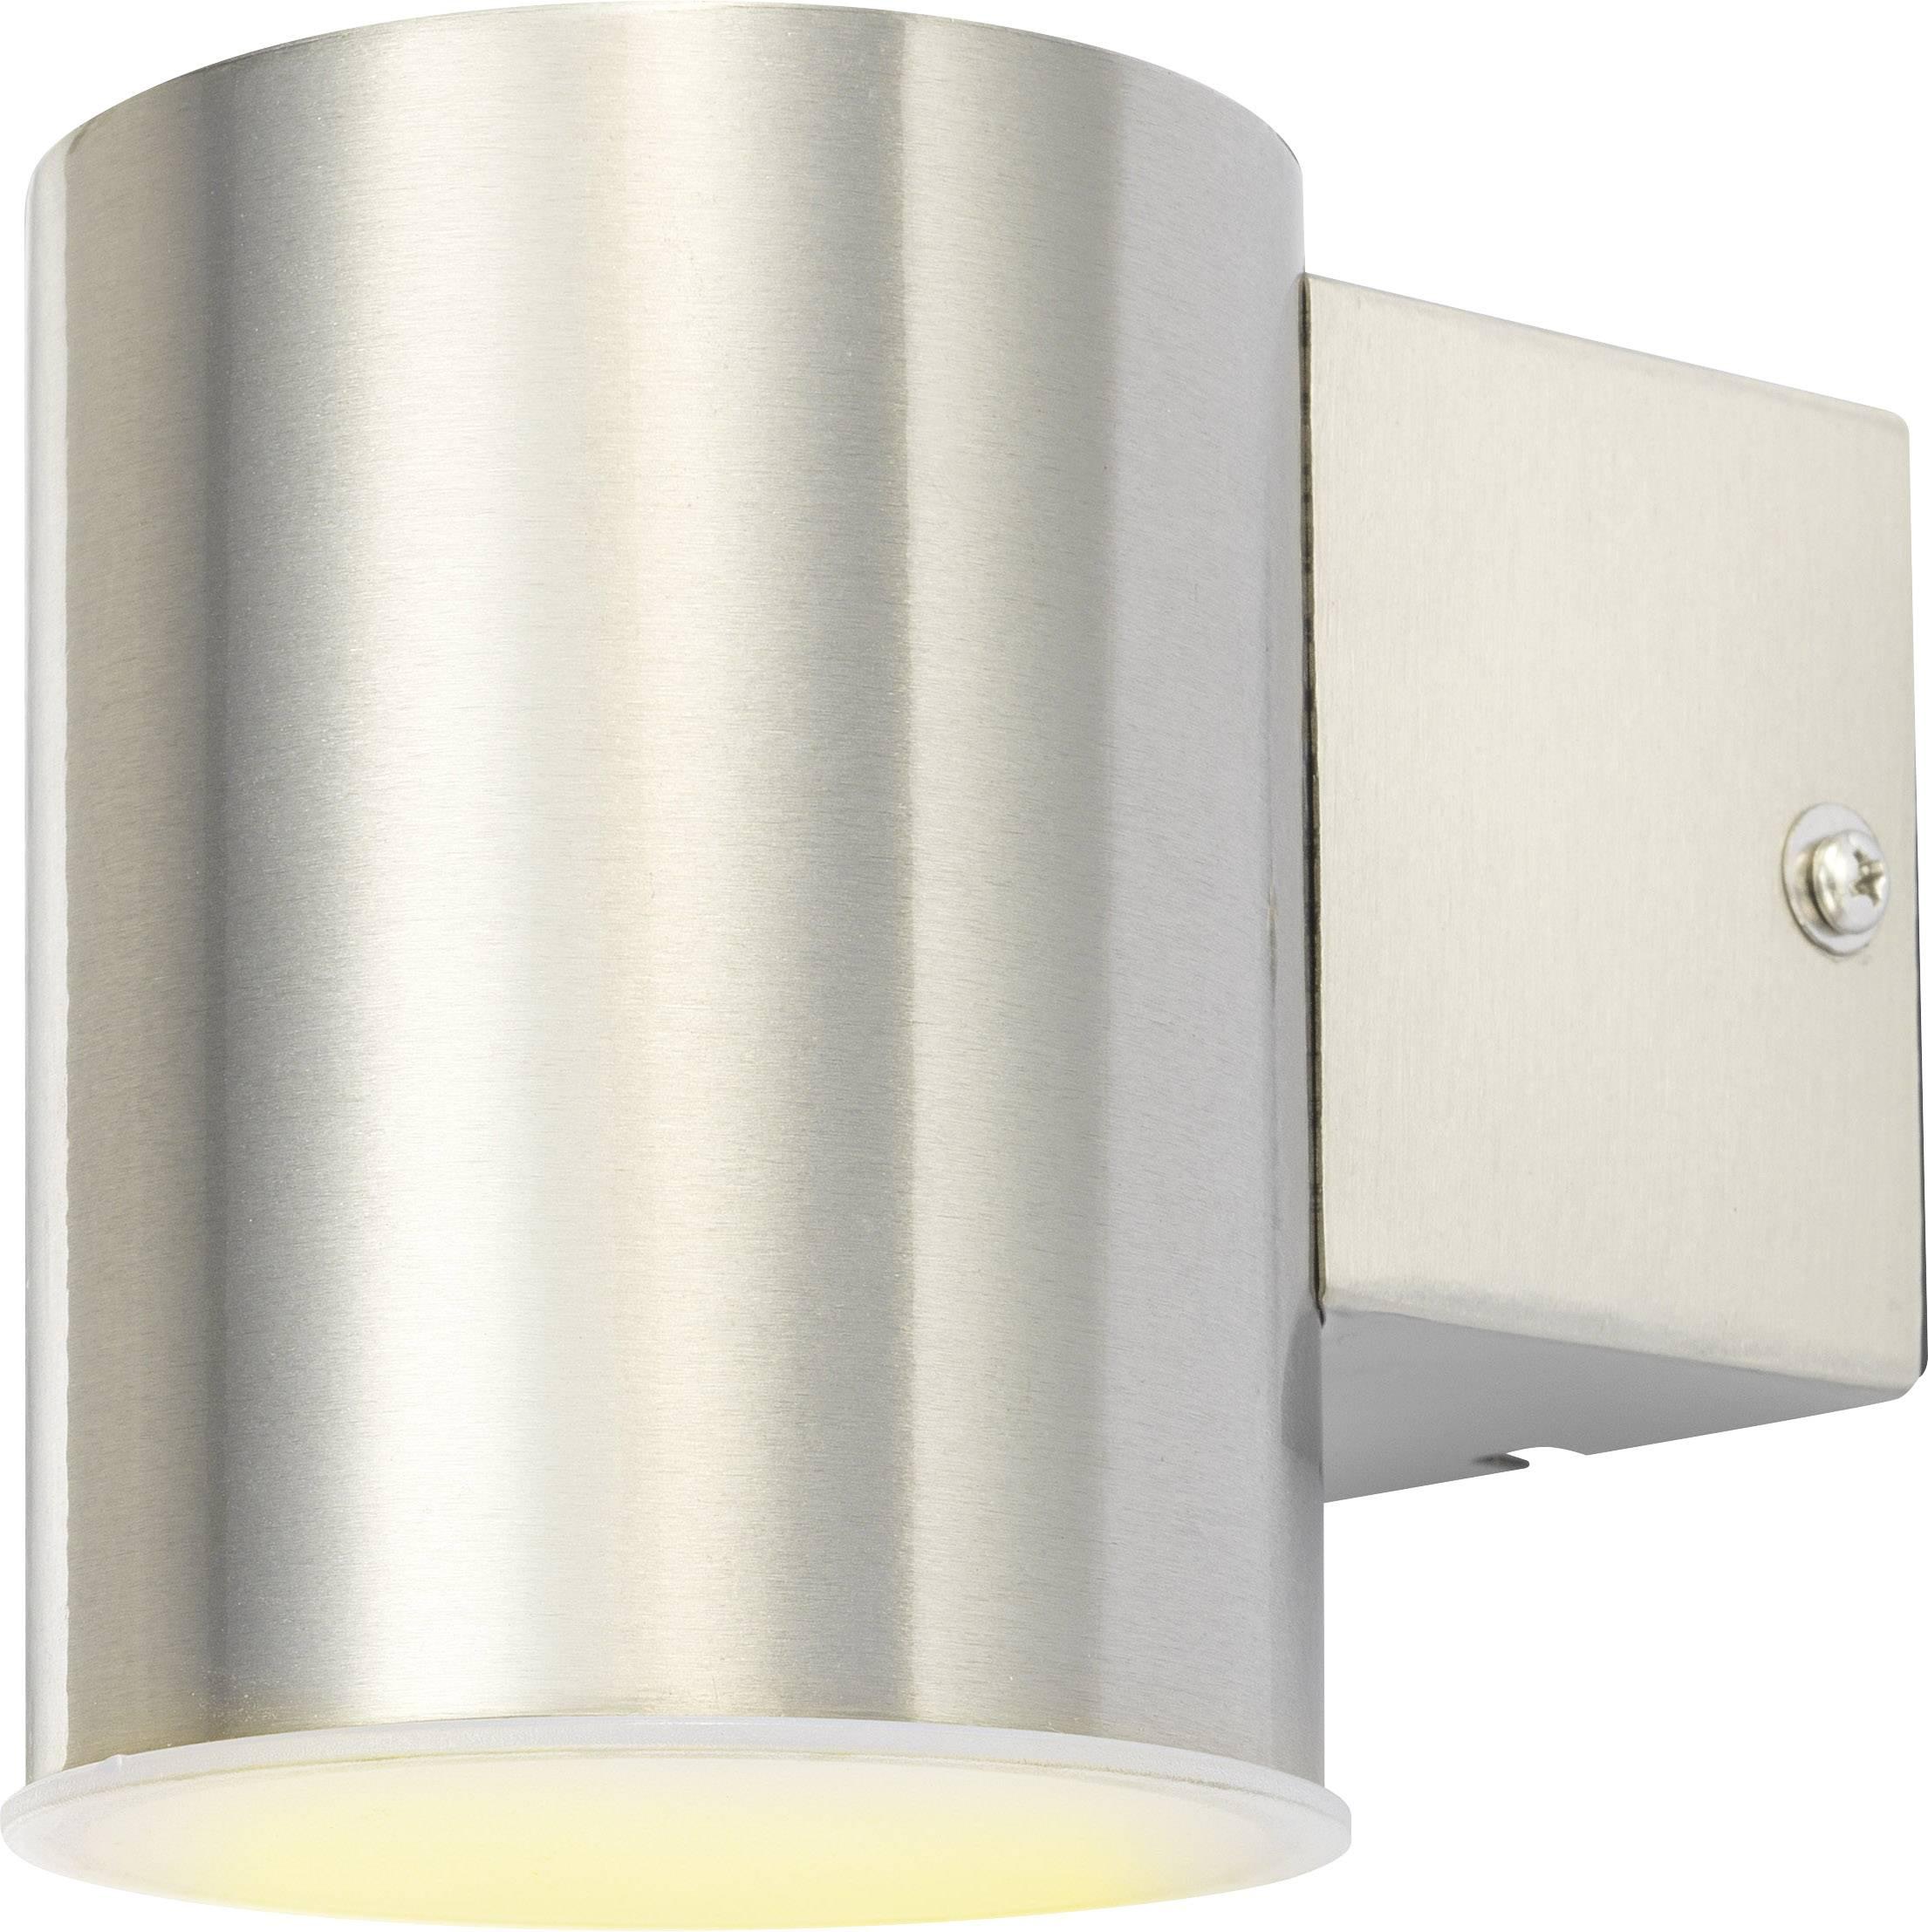 Venkovní nástěnné LED osvětlení Polarlite HY0004DN-1R 7 W, teplá bílá, nerezová ocel kartáčovaná